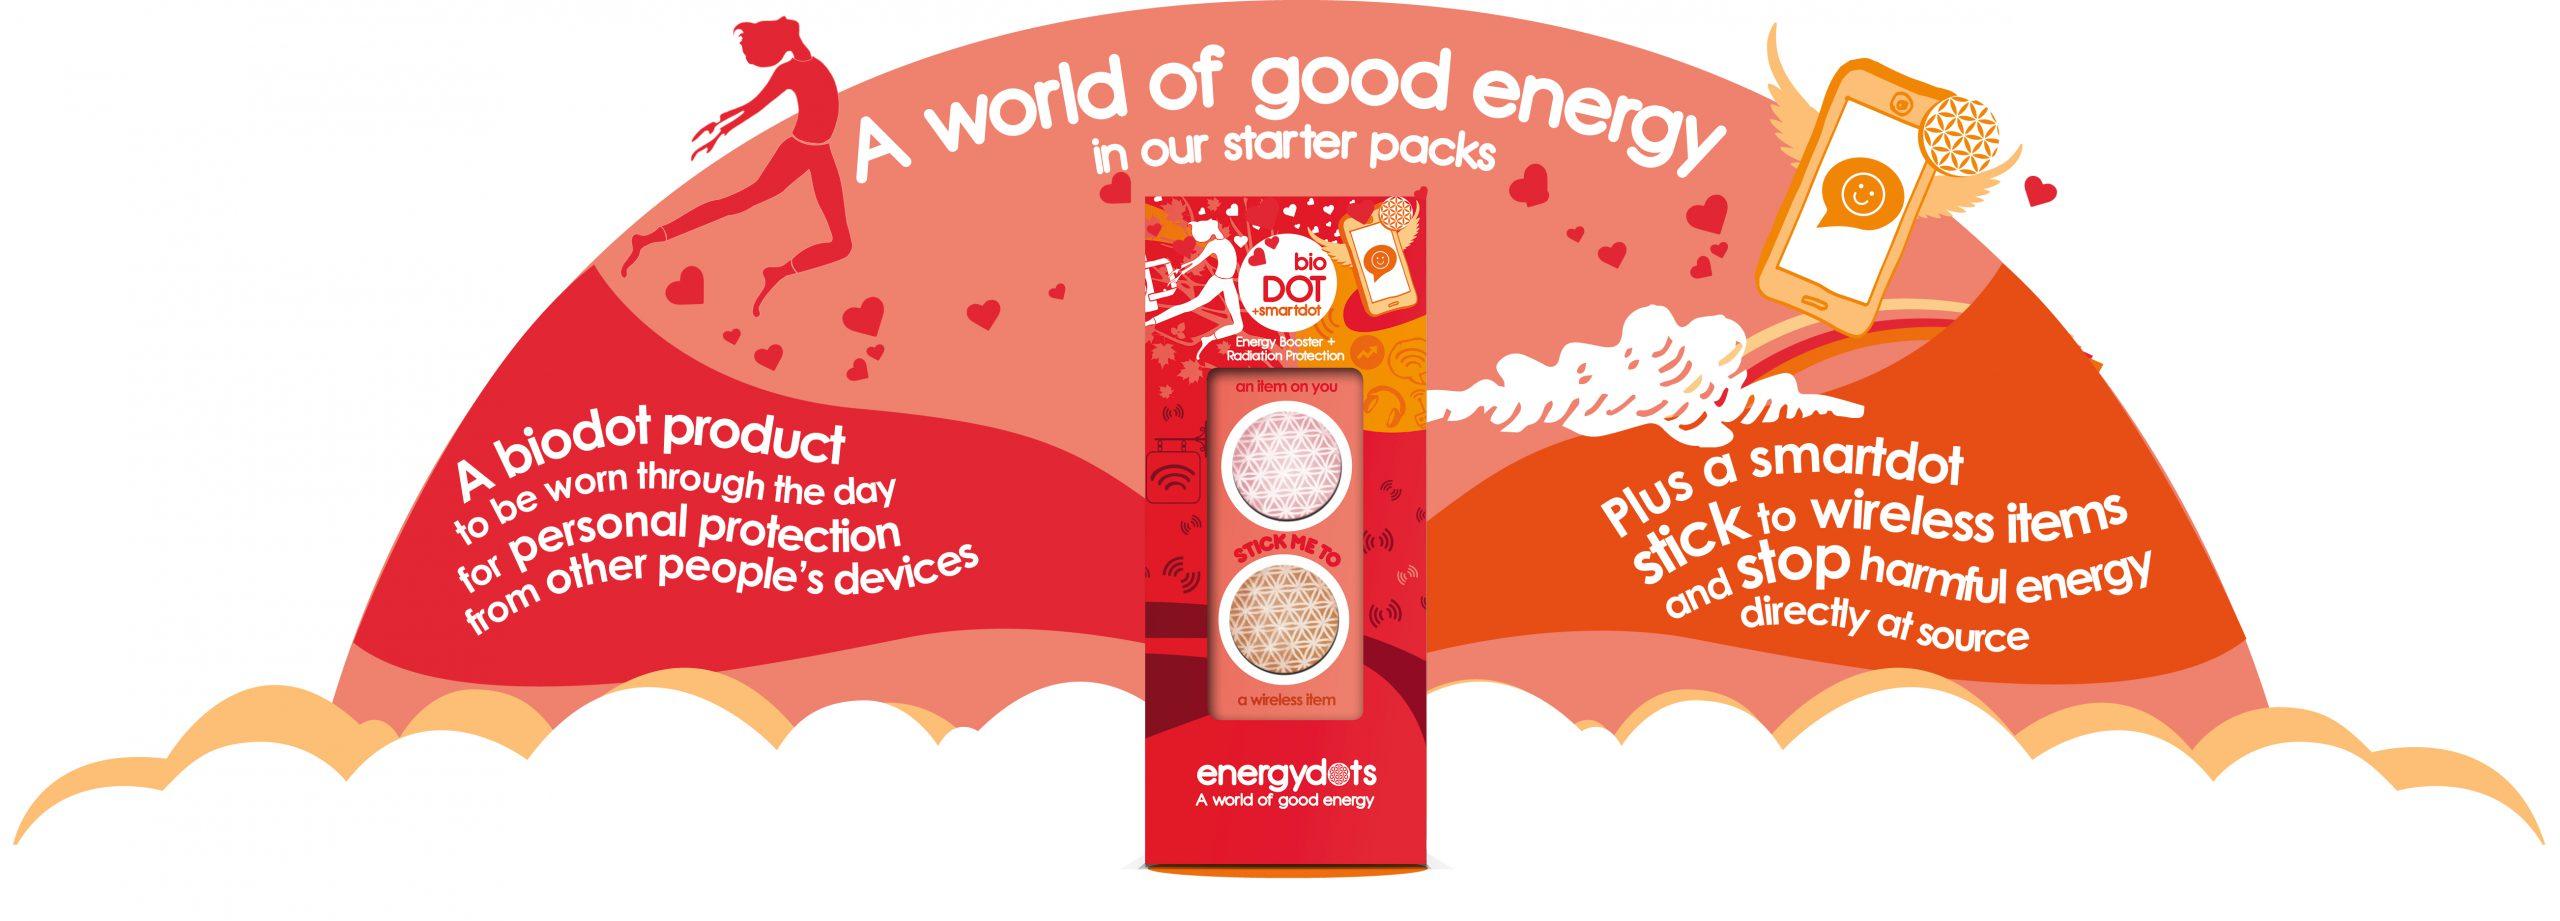 EnergyDOTS NL bioDOT Banner